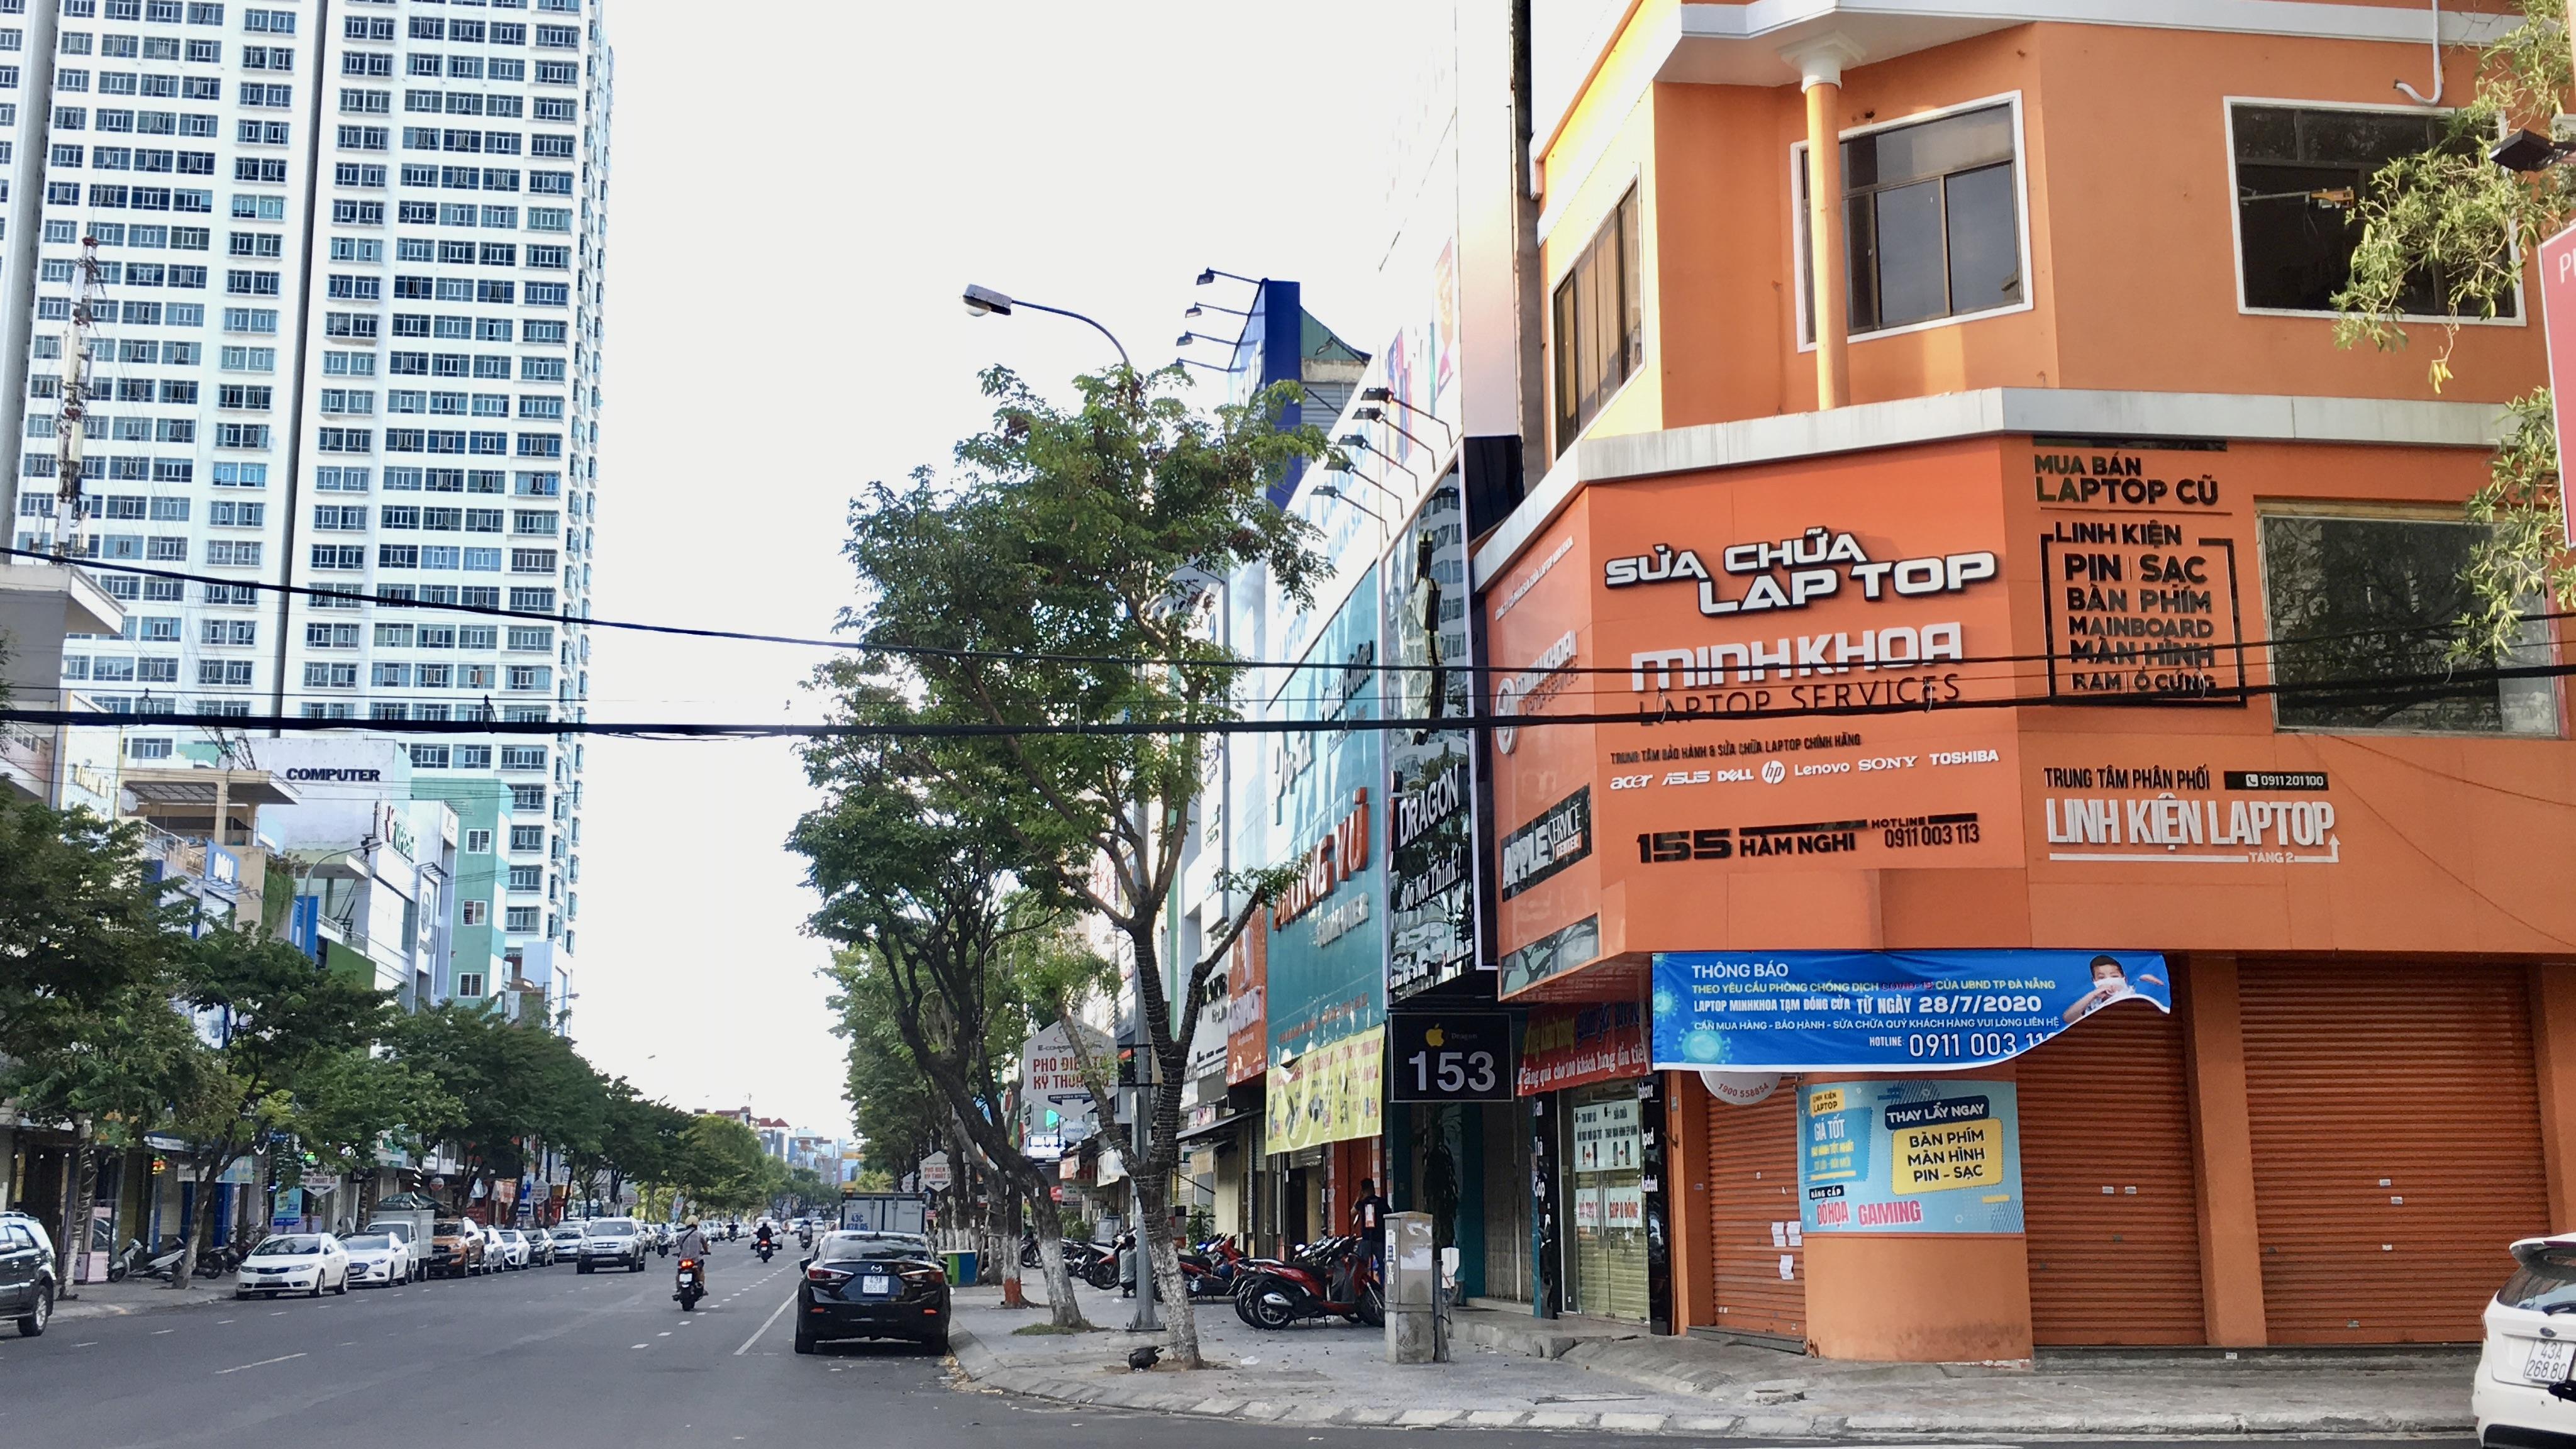 Cho thuê, sang nhượng mặt bị 'ế' ở các tuyến phố chuyên doanh lớn Đà Nẵng khi dịch COVID-19 phức tạp - Ảnh 10.